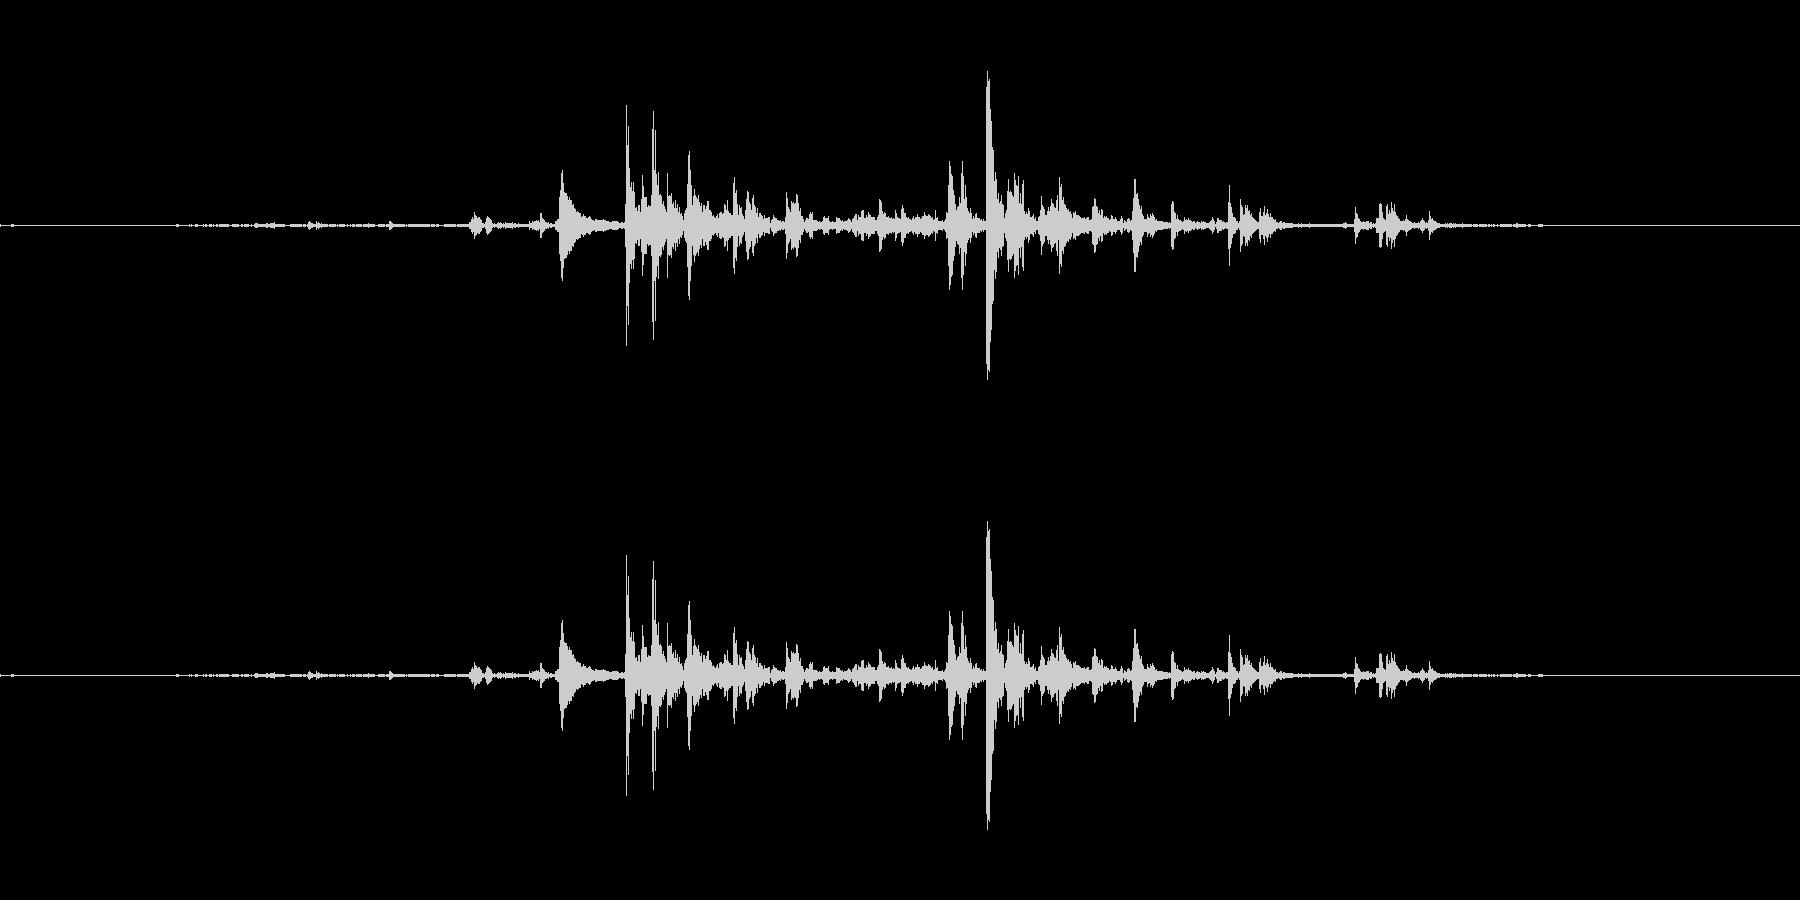 カランコロンと氷をコップに入れる音の未再生の波形